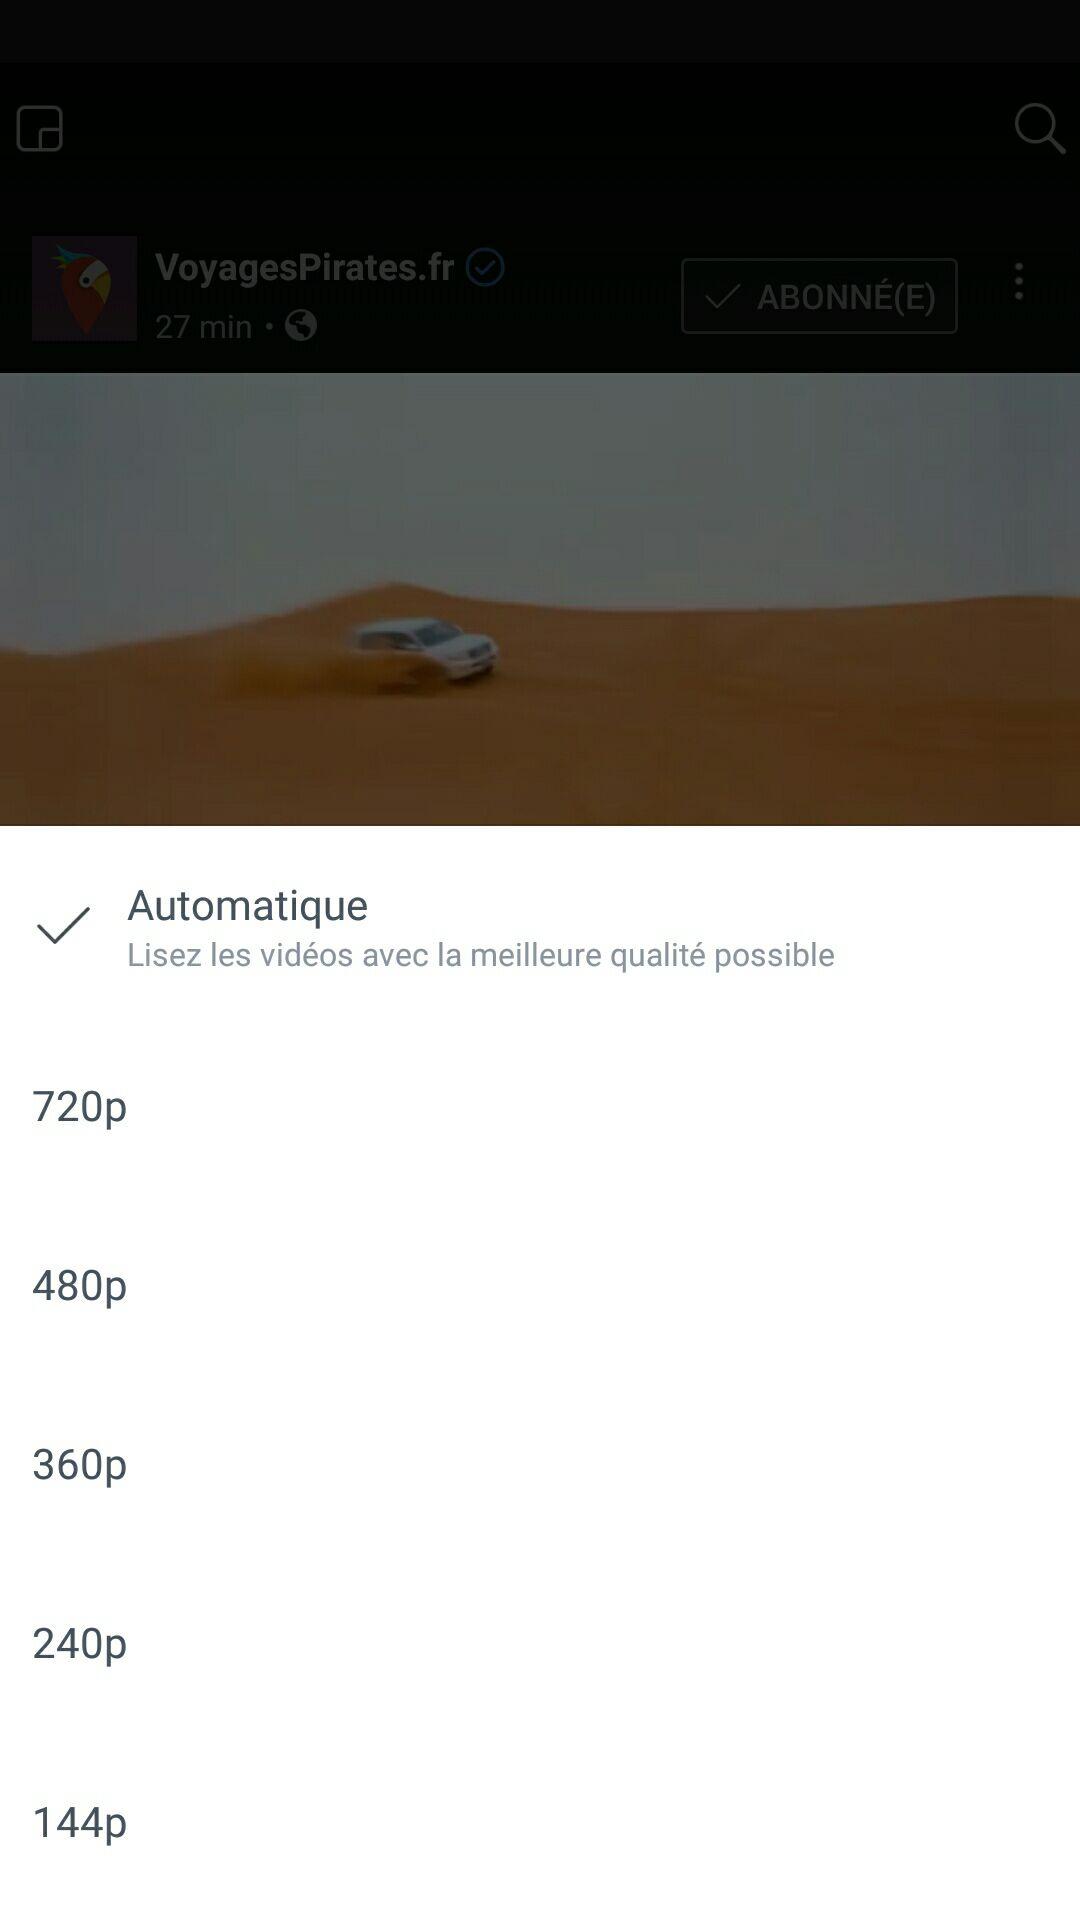 17108032.jpg